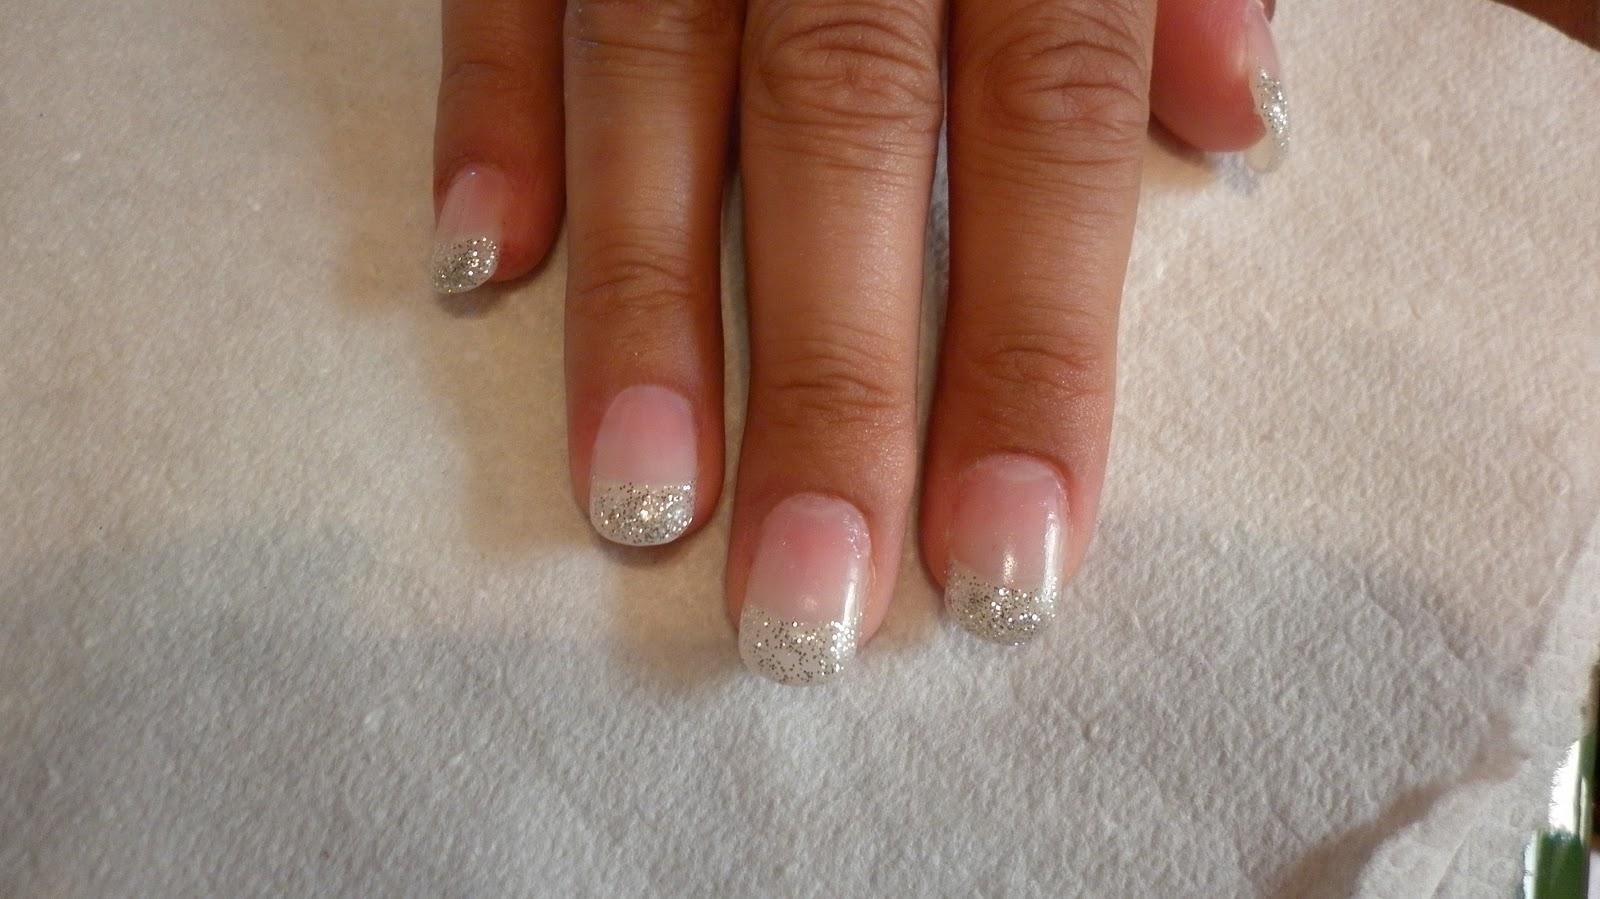 unghie con tips ricostruzione unghie con tips ricostruzione unghie